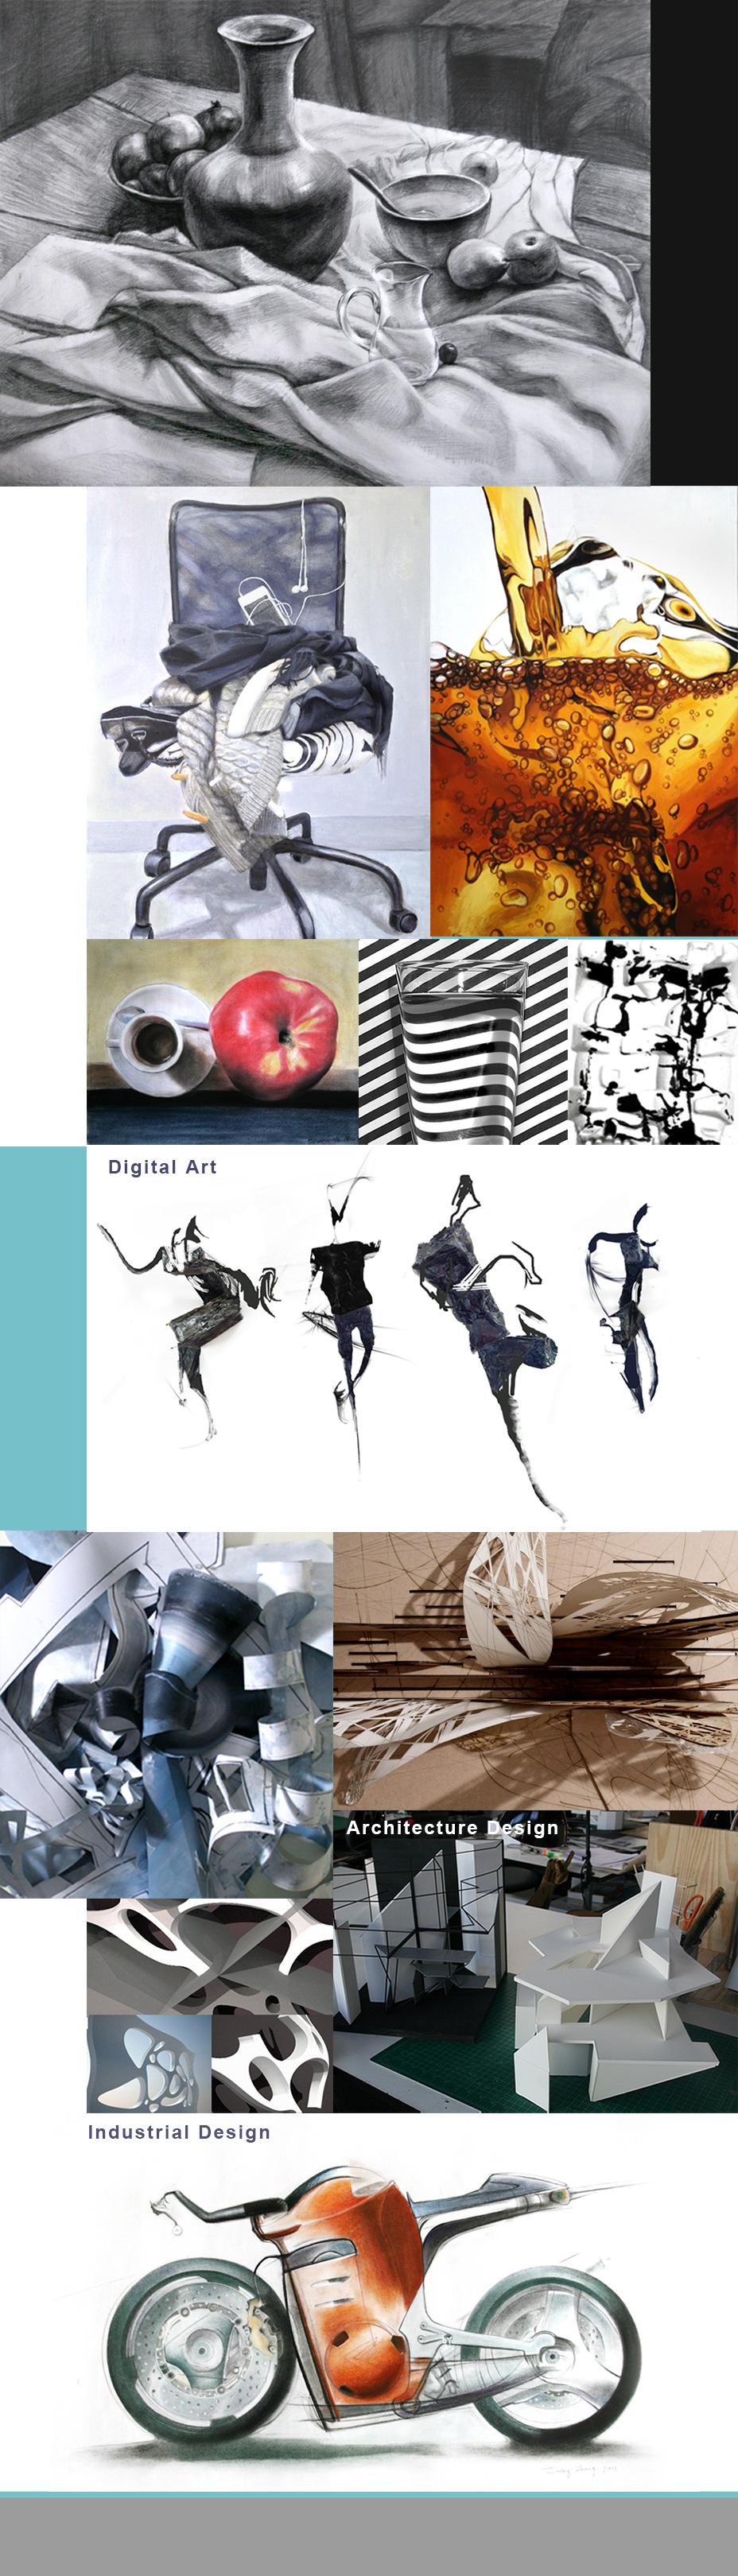 今日艺术与设计 Art & Design Today-艺术与设计名校升学指导(包括专业绘画基础)